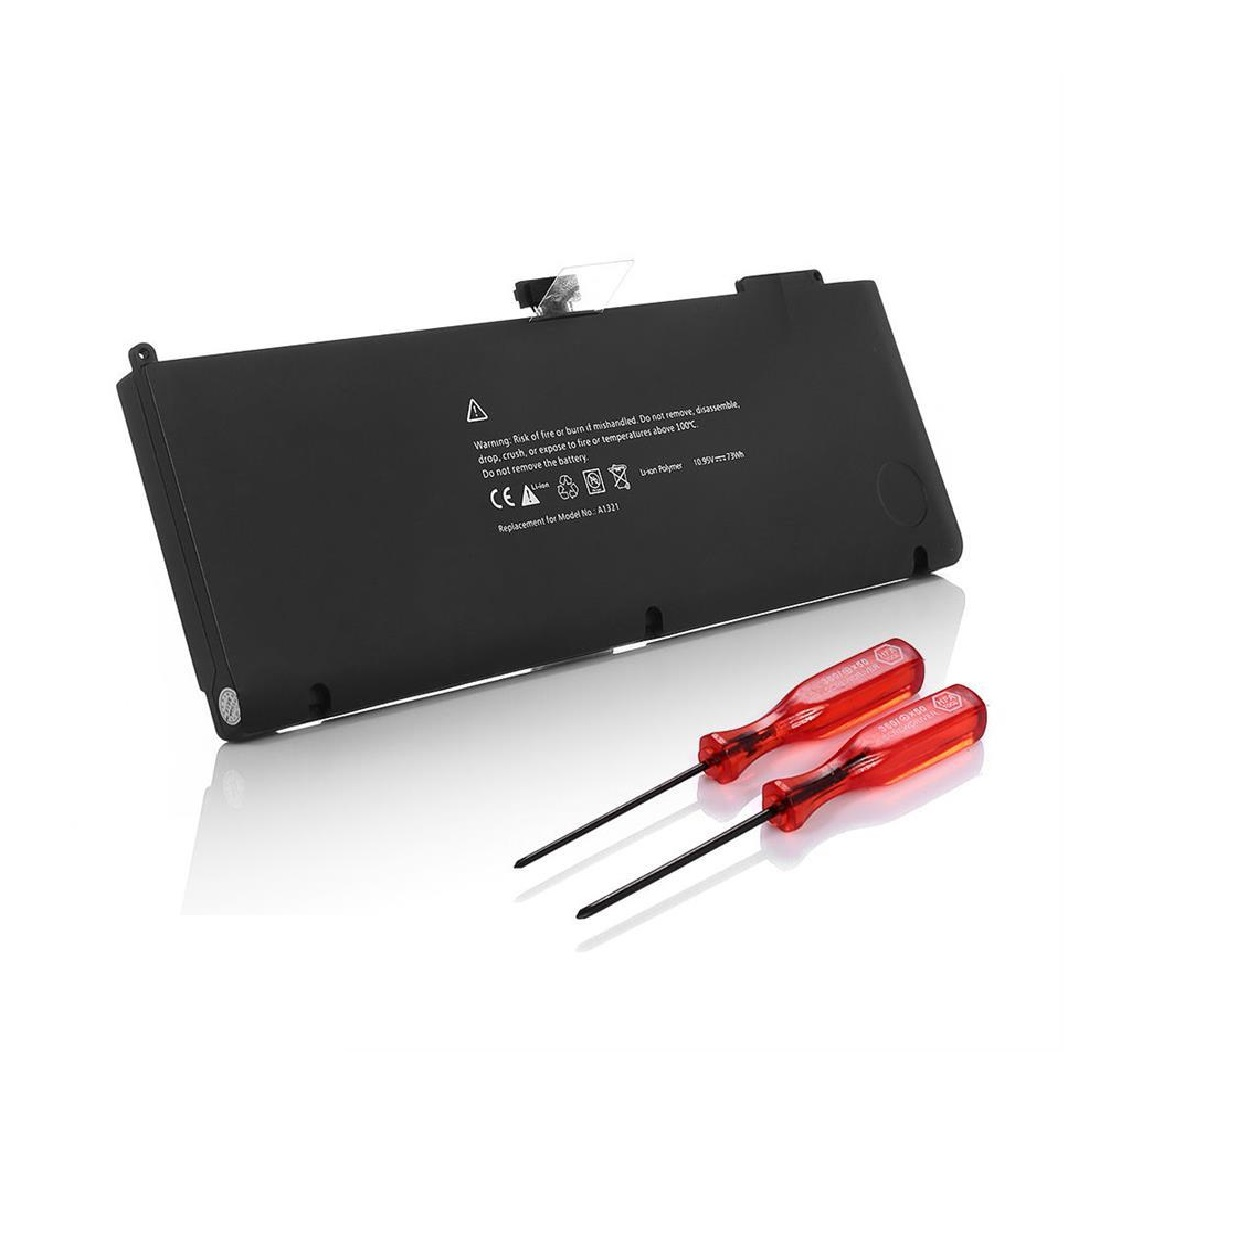 باتری لب تاپ اپل مدل ام بی ۹۸۵